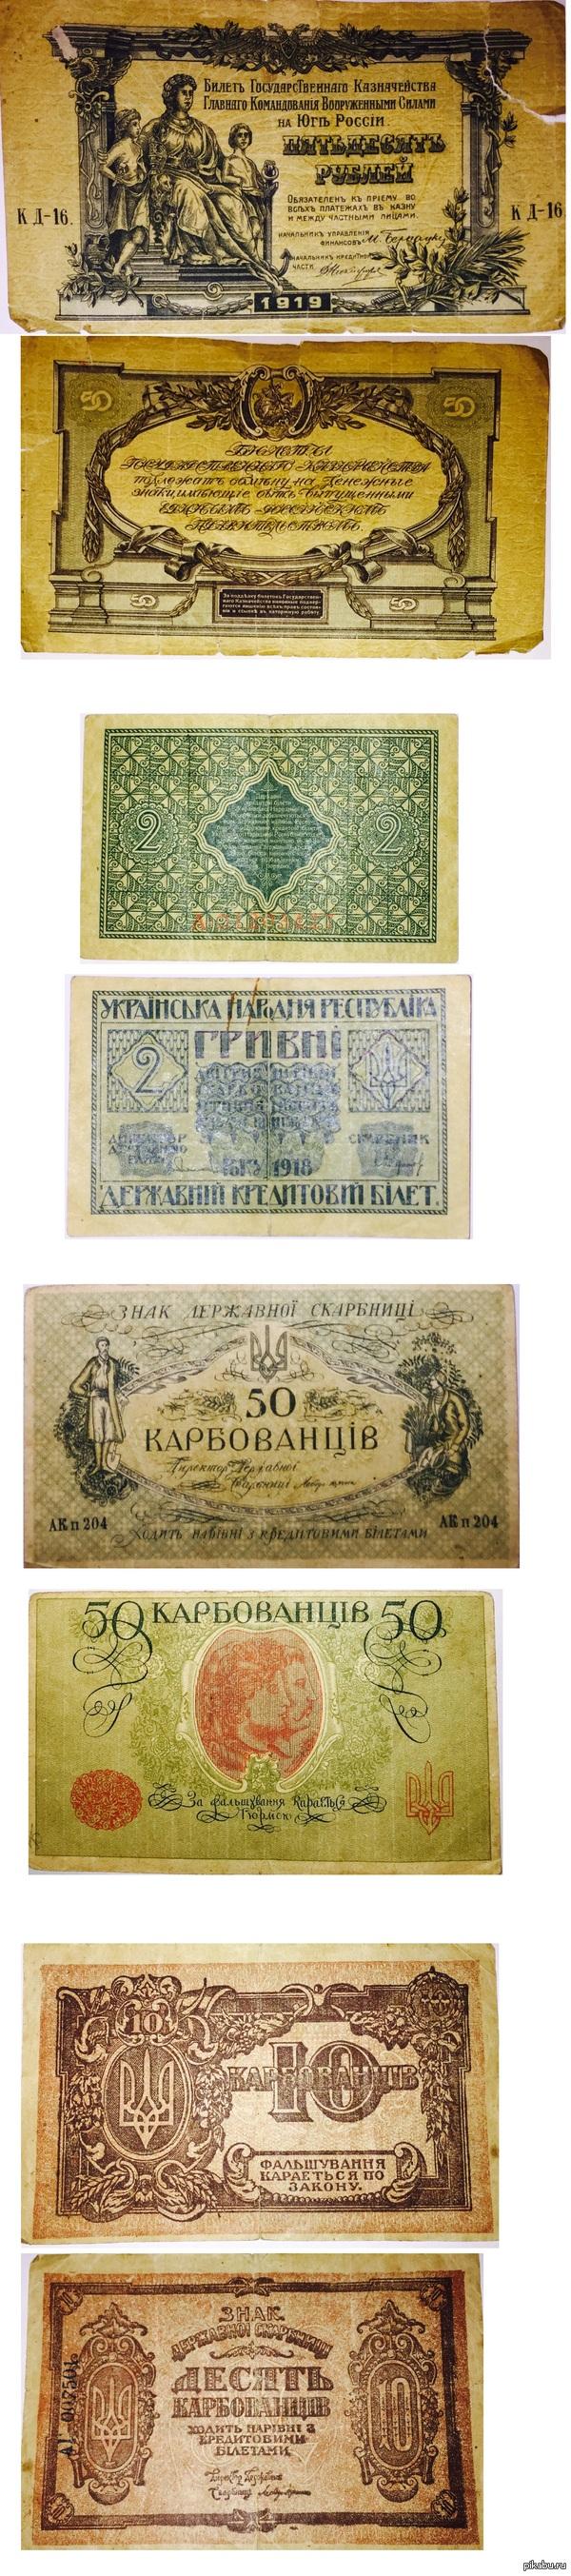 Когда зарождались скакуны.. Судя по бумажкам-денежкам, юг России и окраину колбасило еще несколько лет после революции. Осталось от бабушки.